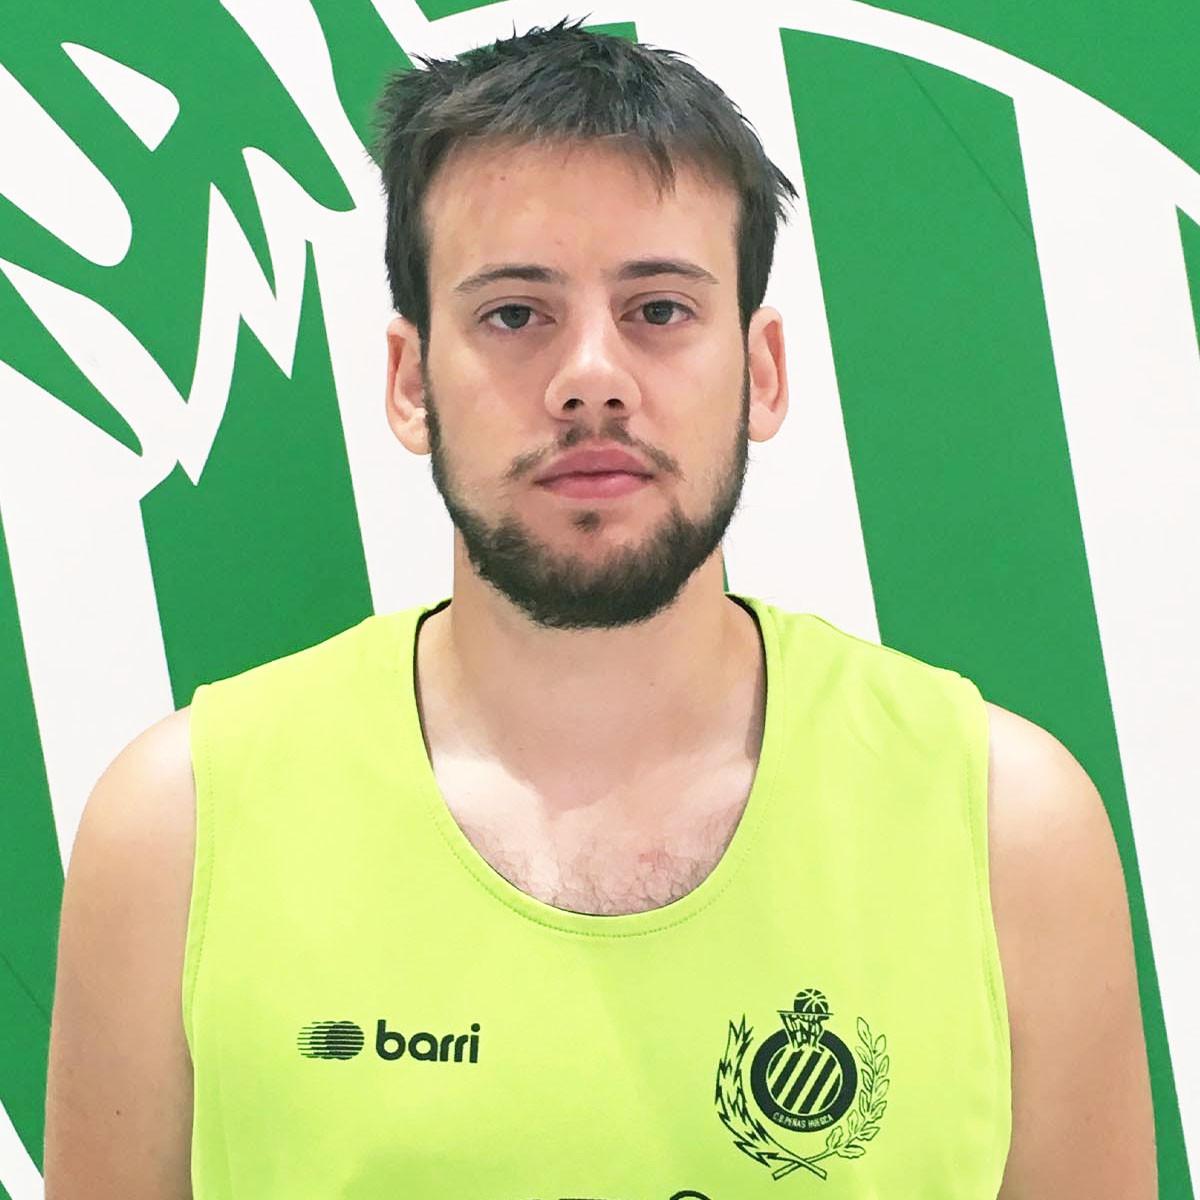 Photo of Pablo Domper, 2018-2019 season